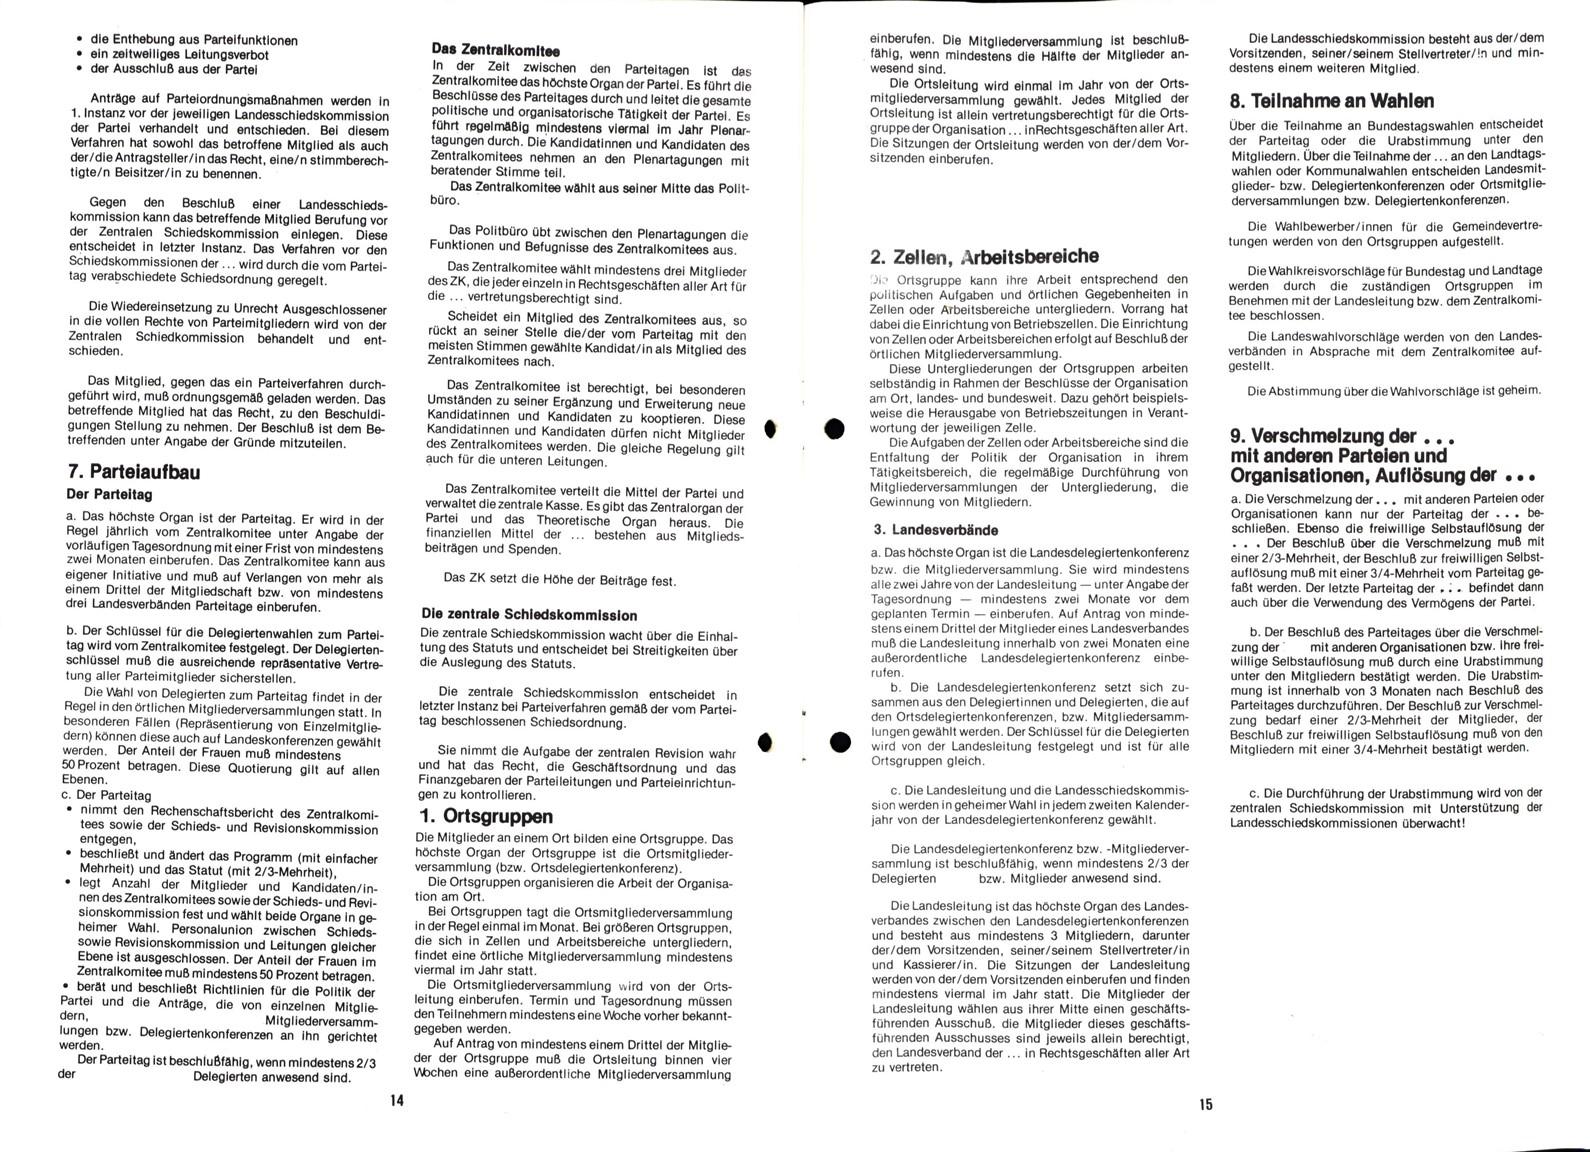 KPDML_GIM_1986_Dokumente_zur_Vereinigung_08